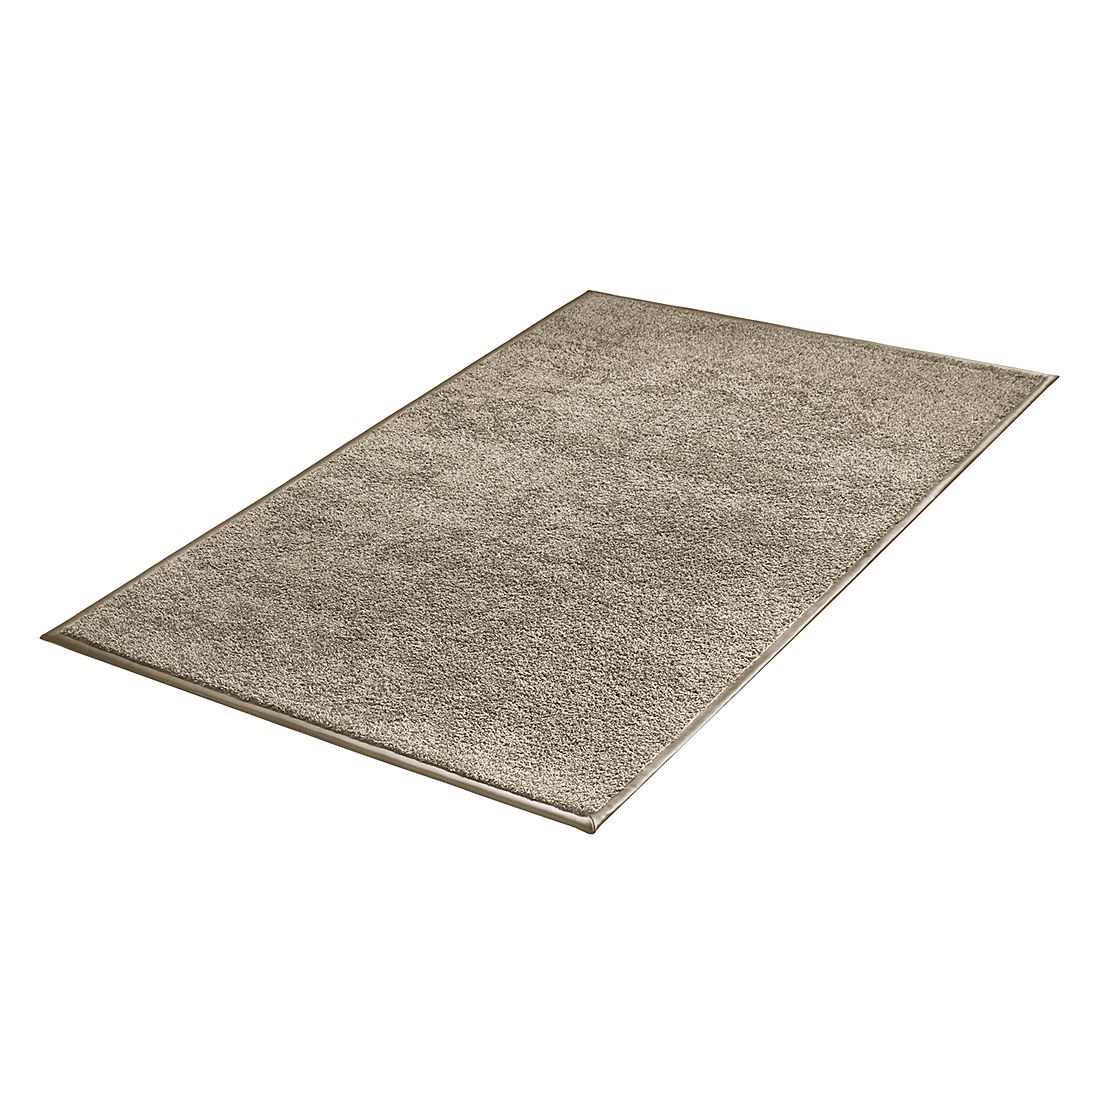 Teppich Noblesse Exclusiv – Sand – 80 x 160 cm, DEKOWE bestellen